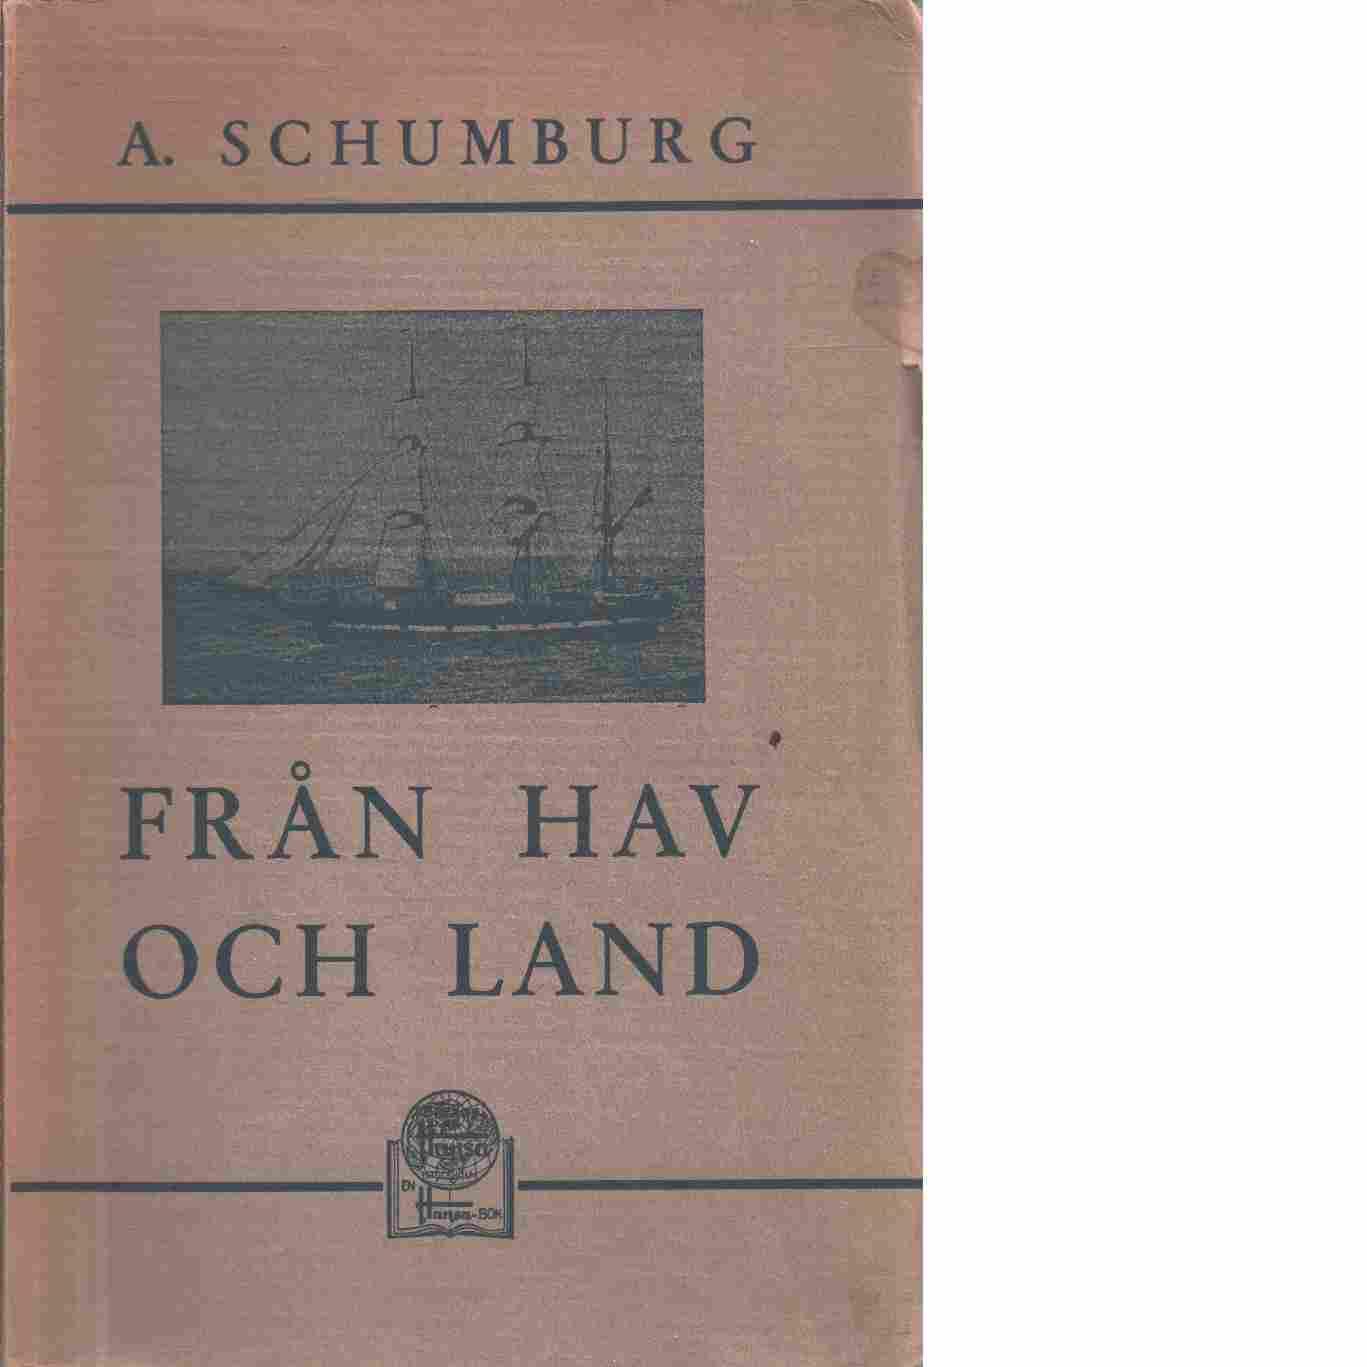 Från hav och land - Schumburg, A